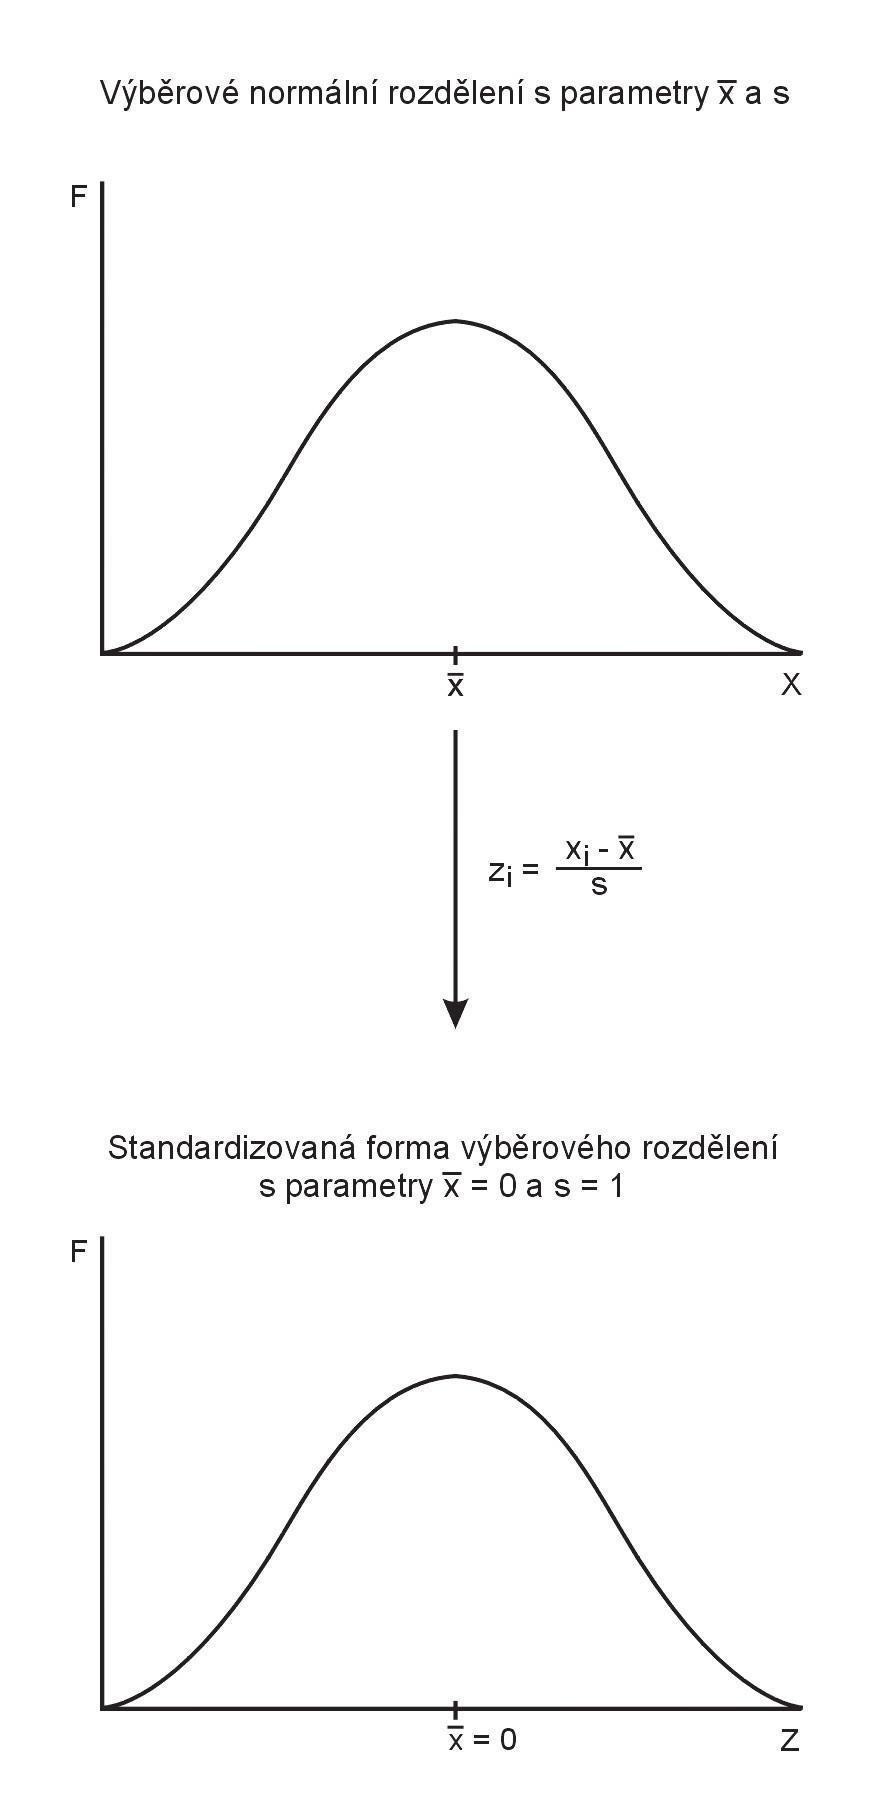 Schéma znázorňující standardizaci výběrového normálního rozdělení náhodné veličiny X.